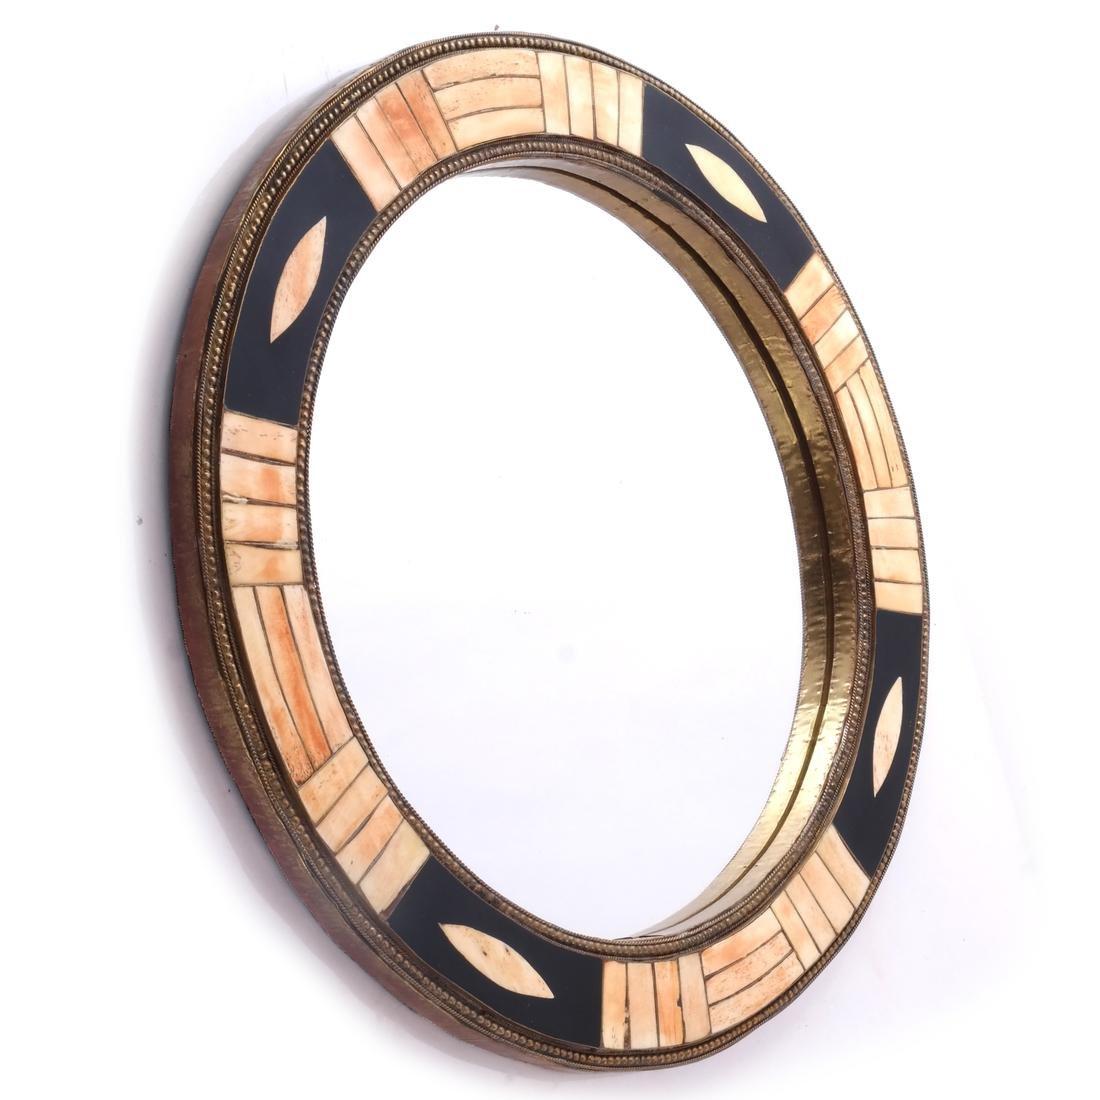 Tessellated-Style Circular Mirror